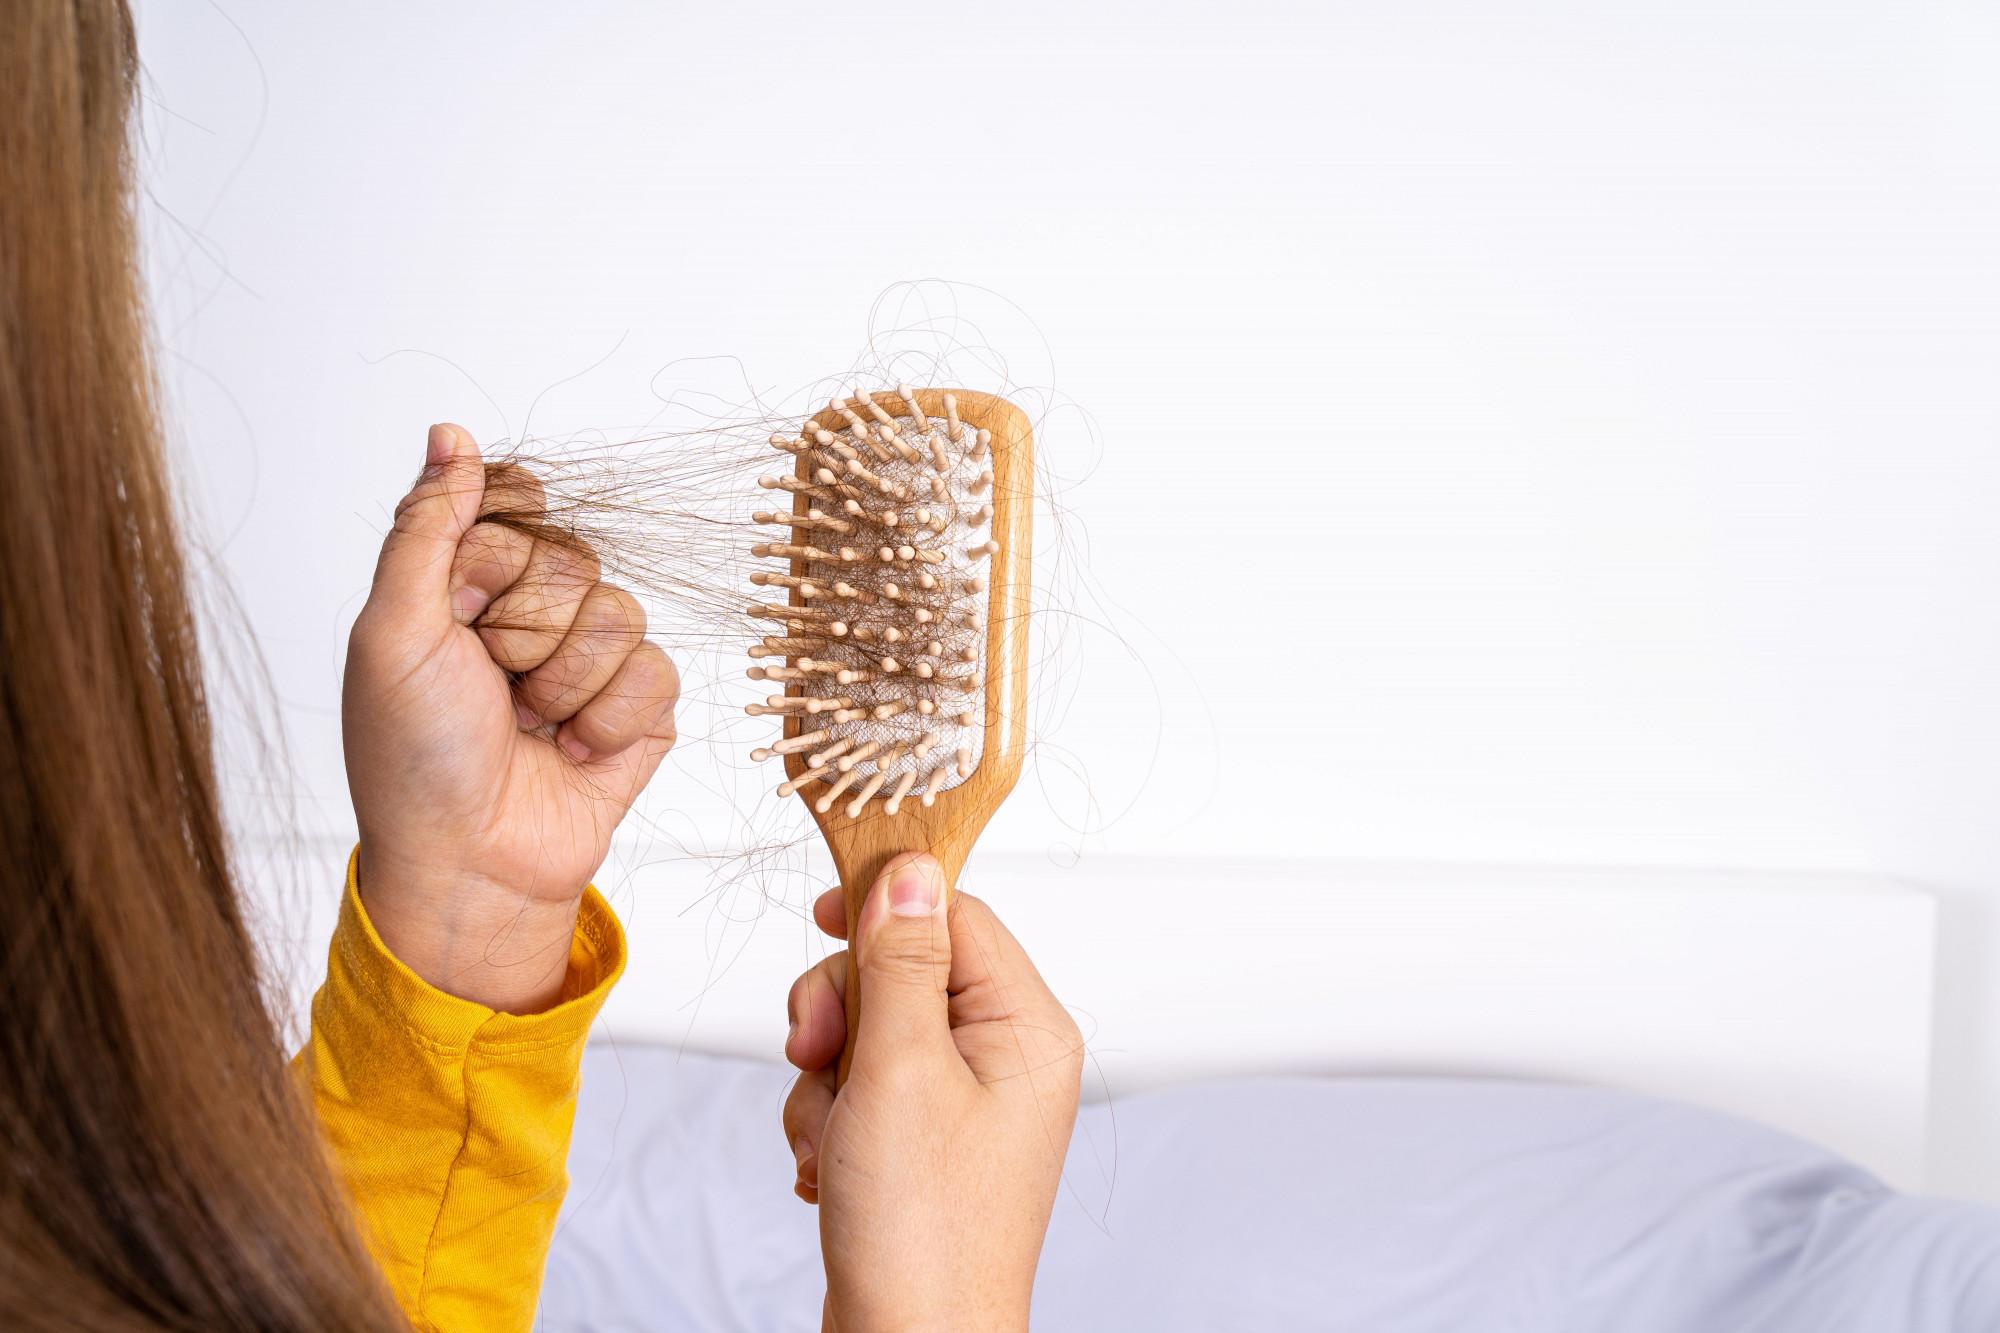 10 melhores vitaminas para queda de cabelo